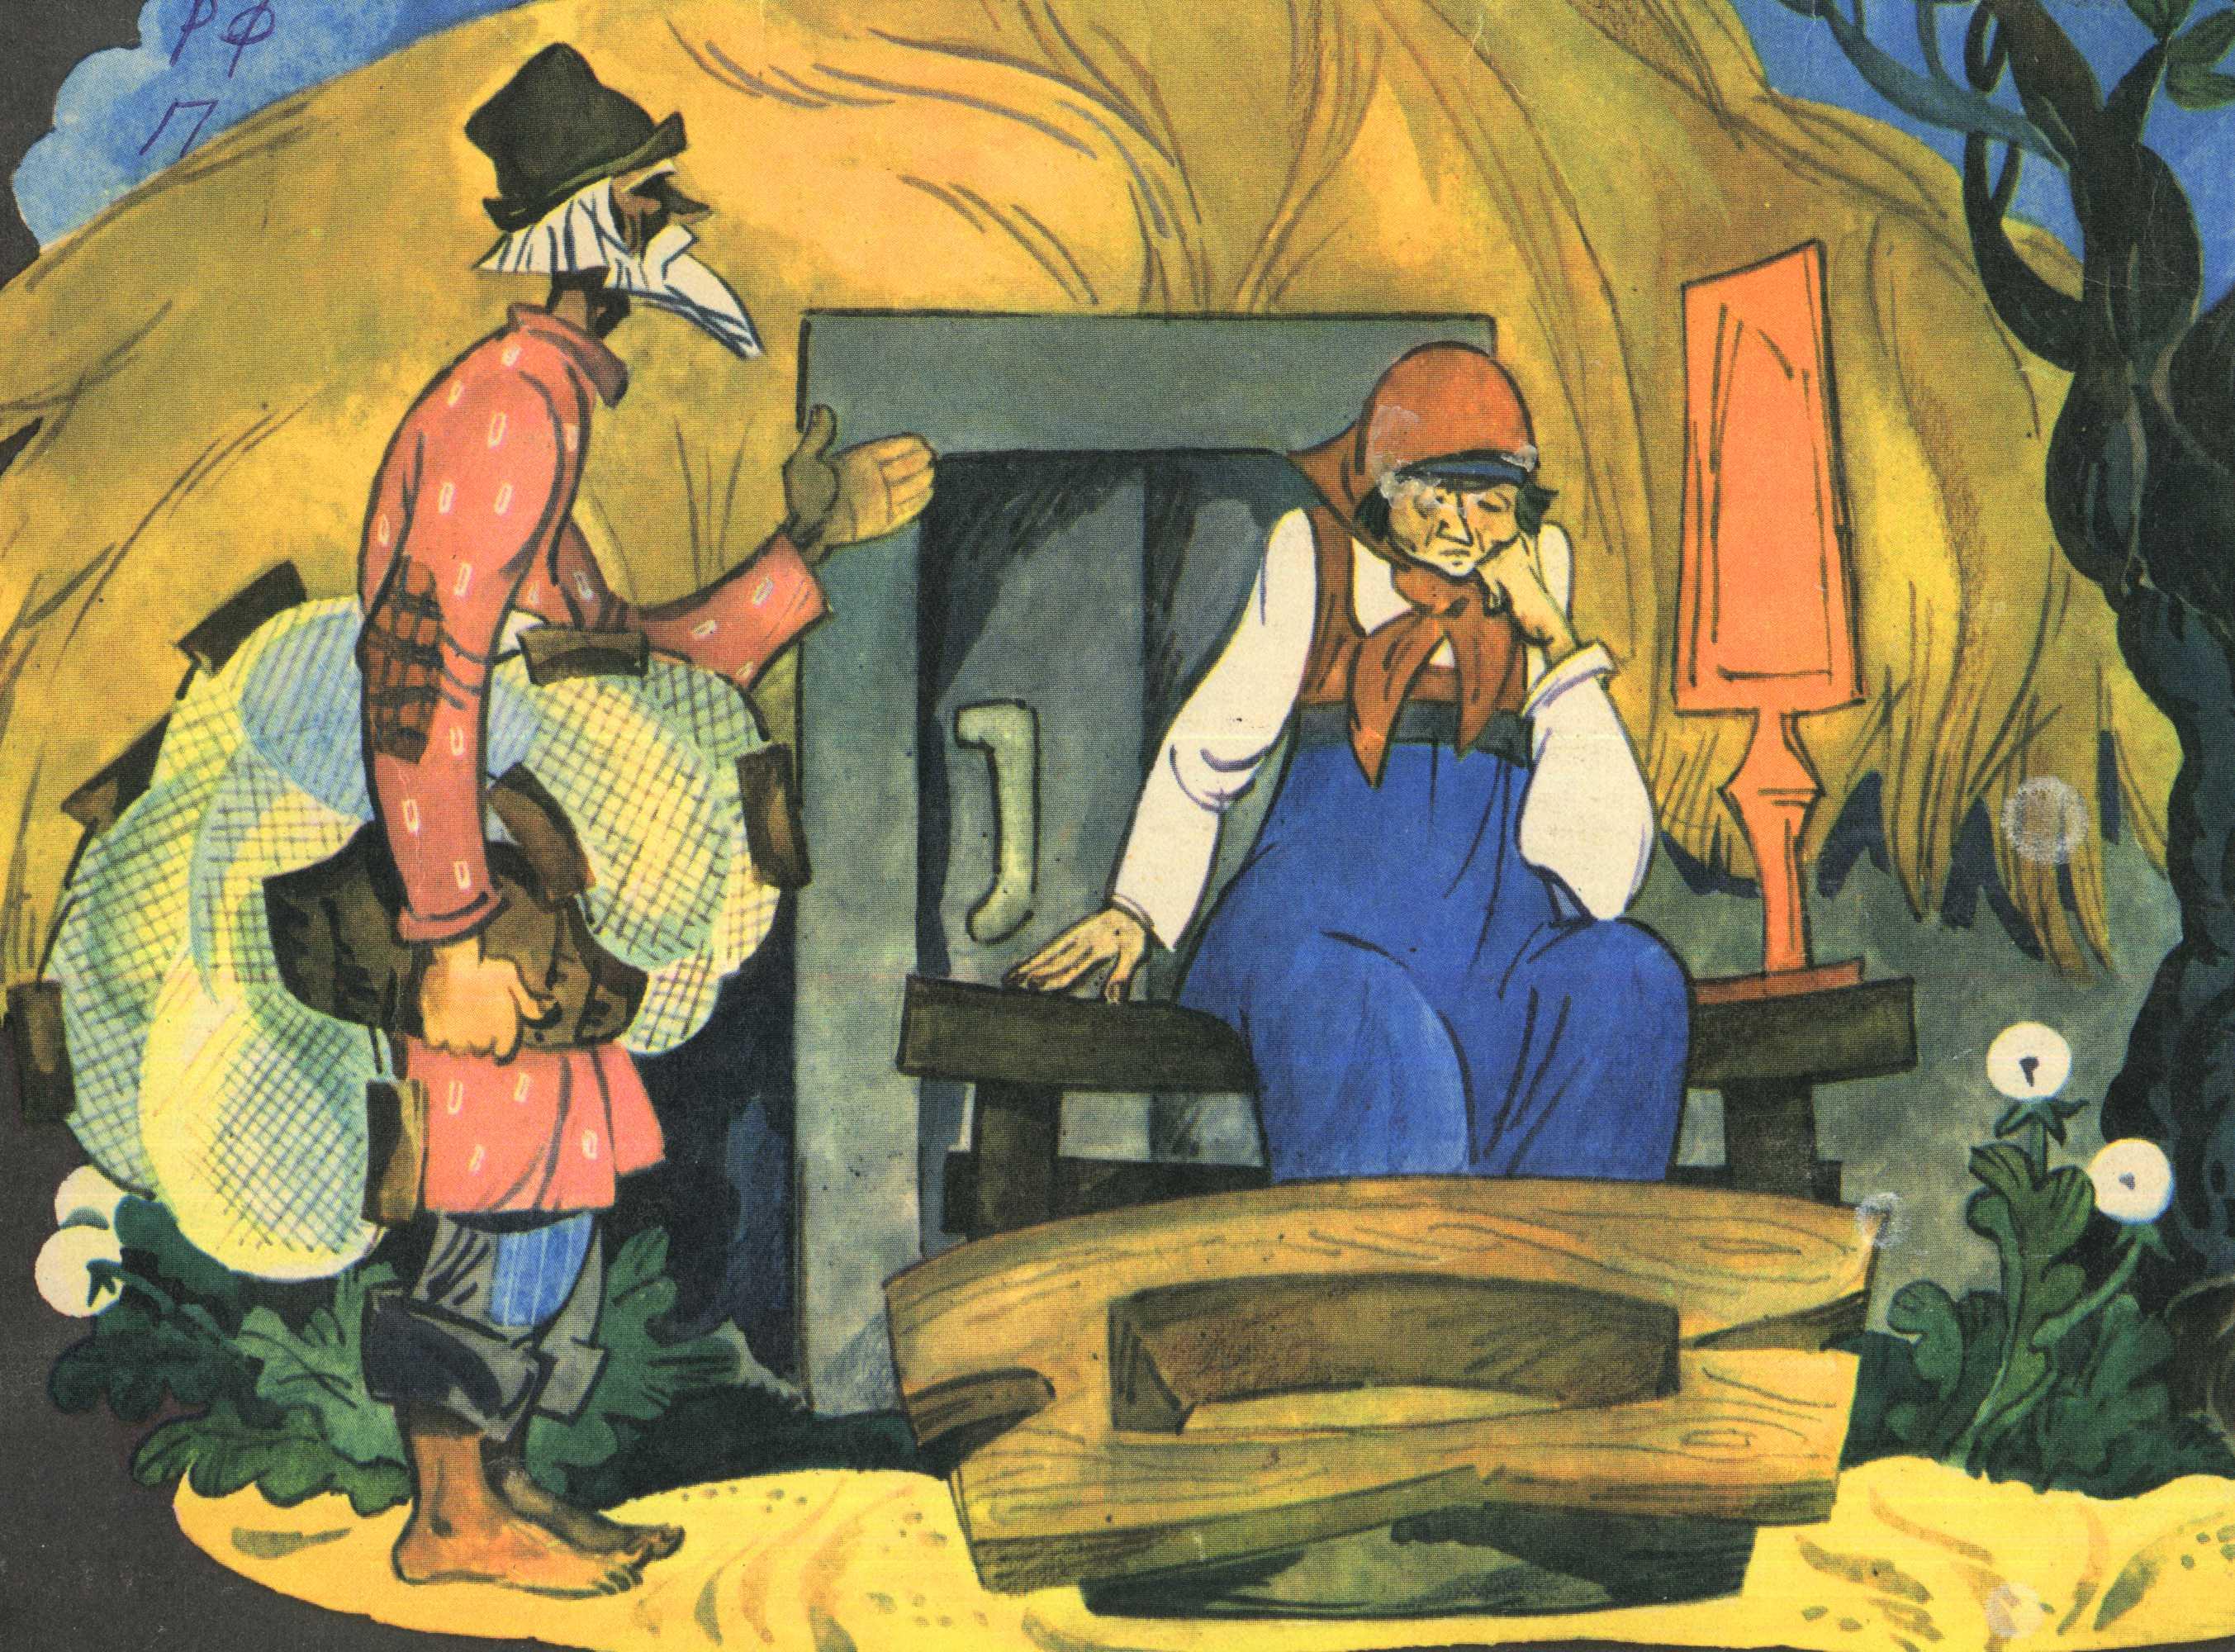 каким в сказке о рыбаке и рыбке показана старуха и старик